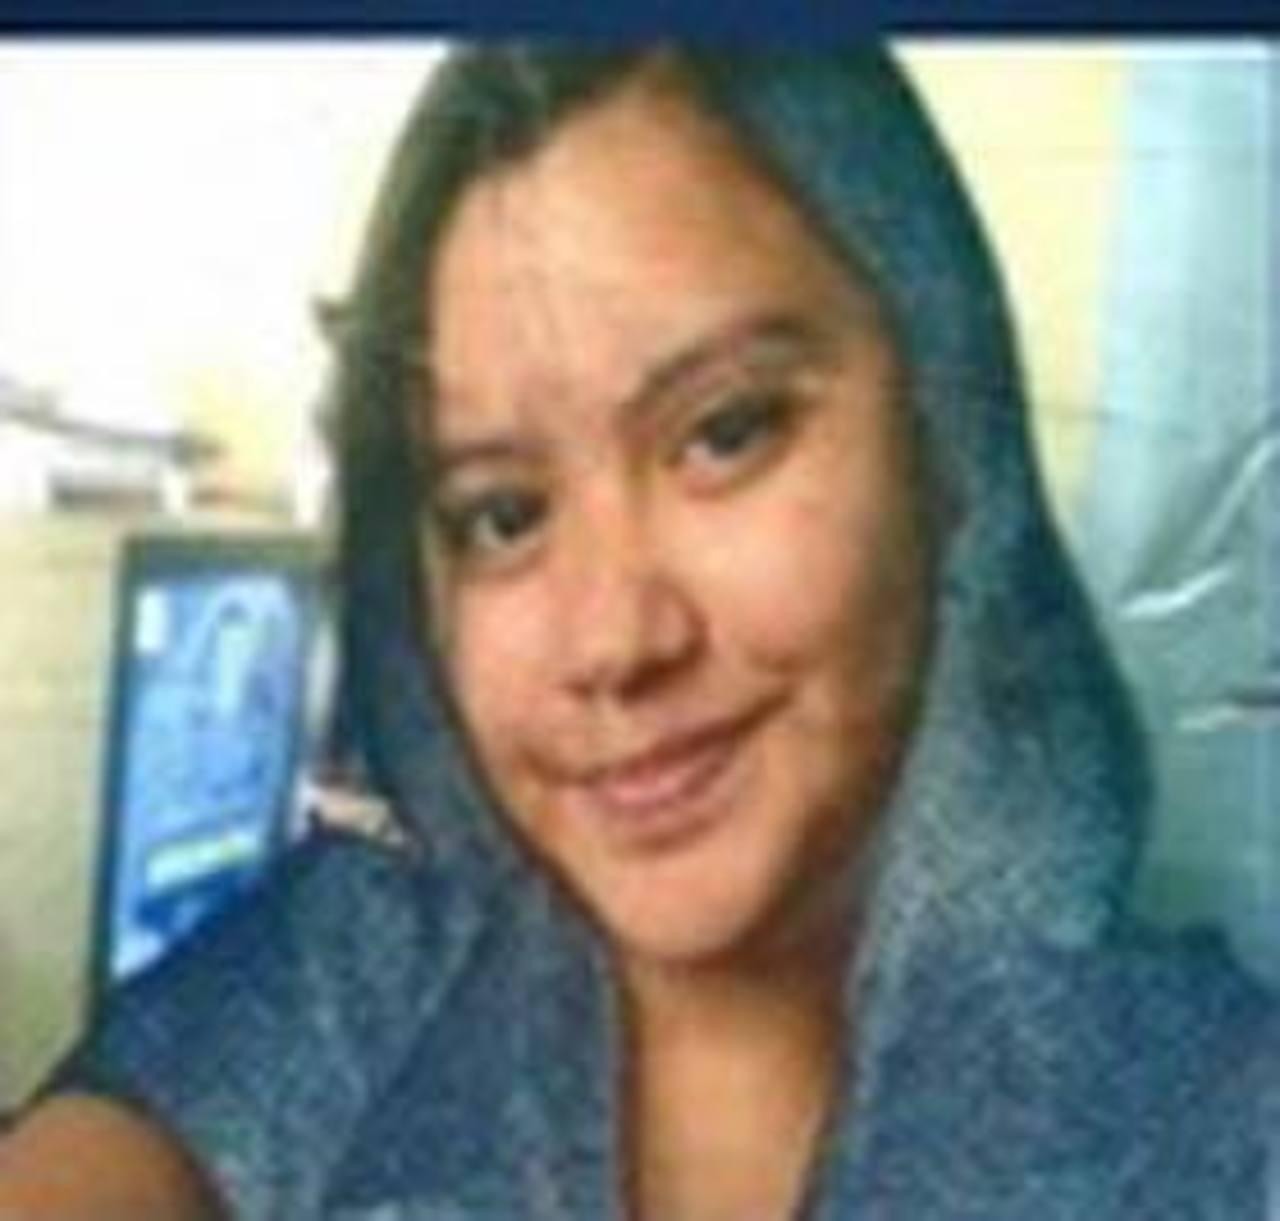 La Libertad, 16 jóvenes desaparecidos en dos meses